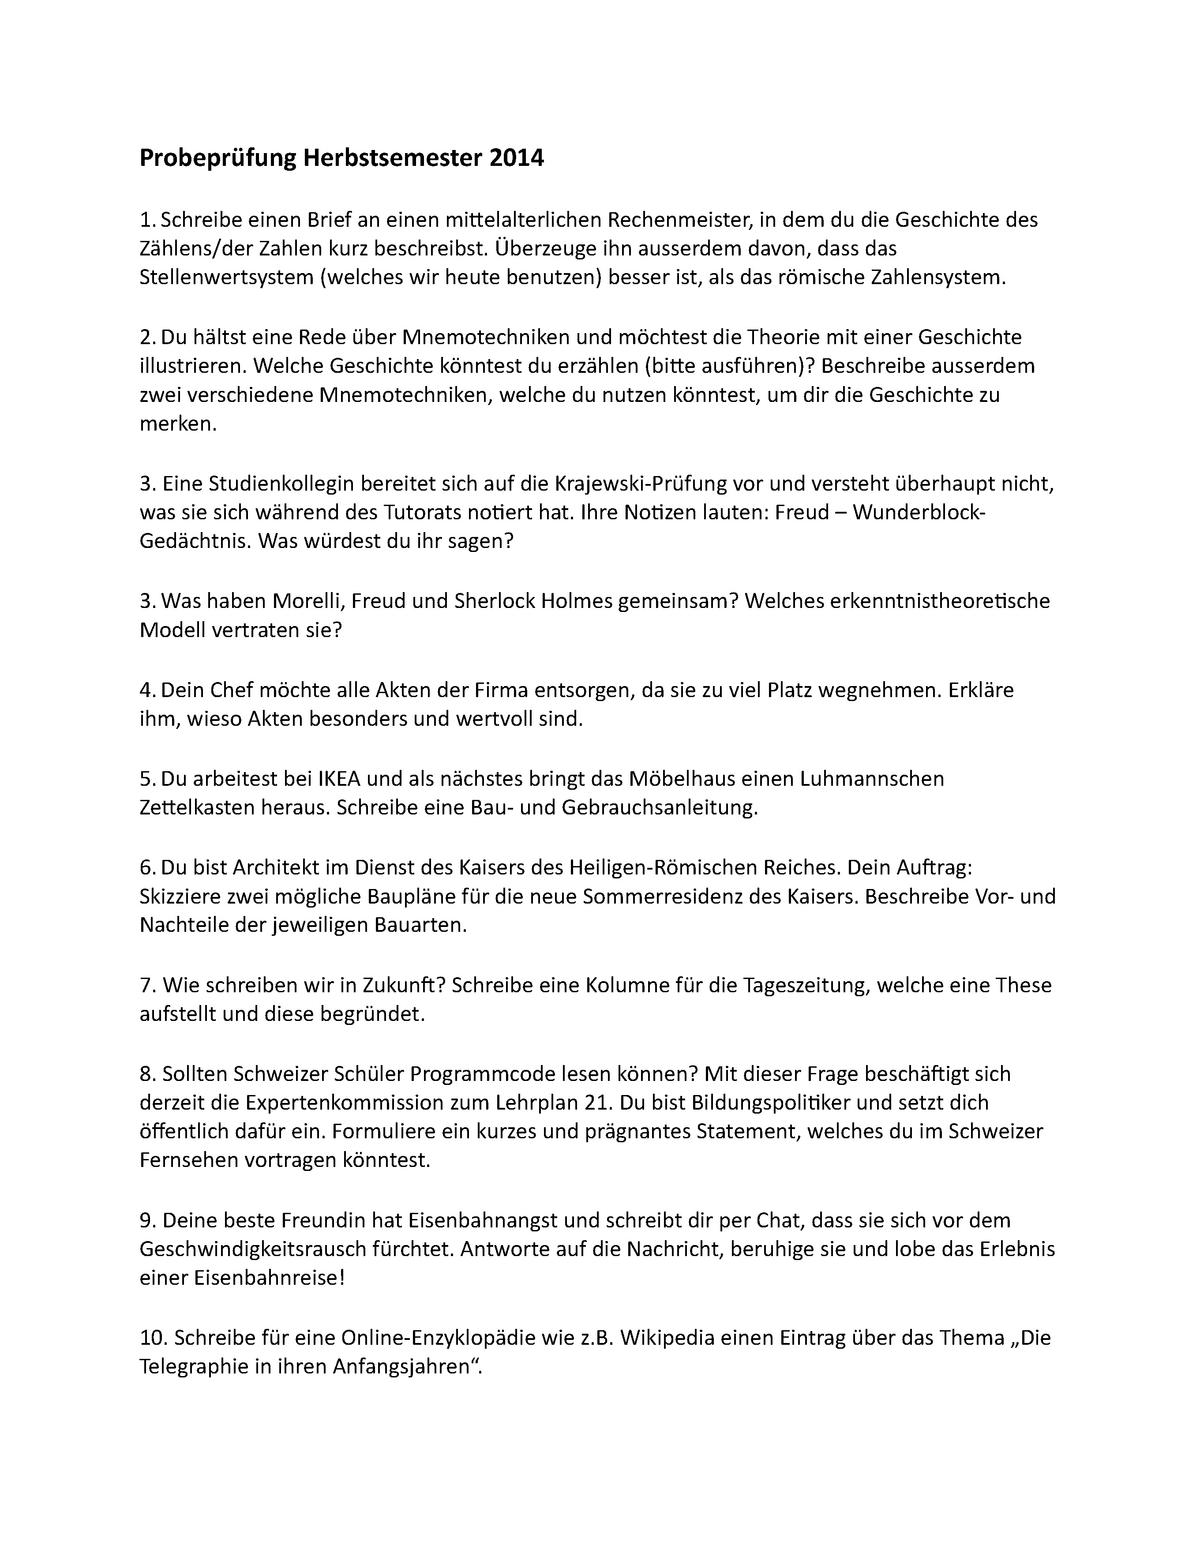 Klausur 2015 Fragen 41856 01 Uni Basel Studocu